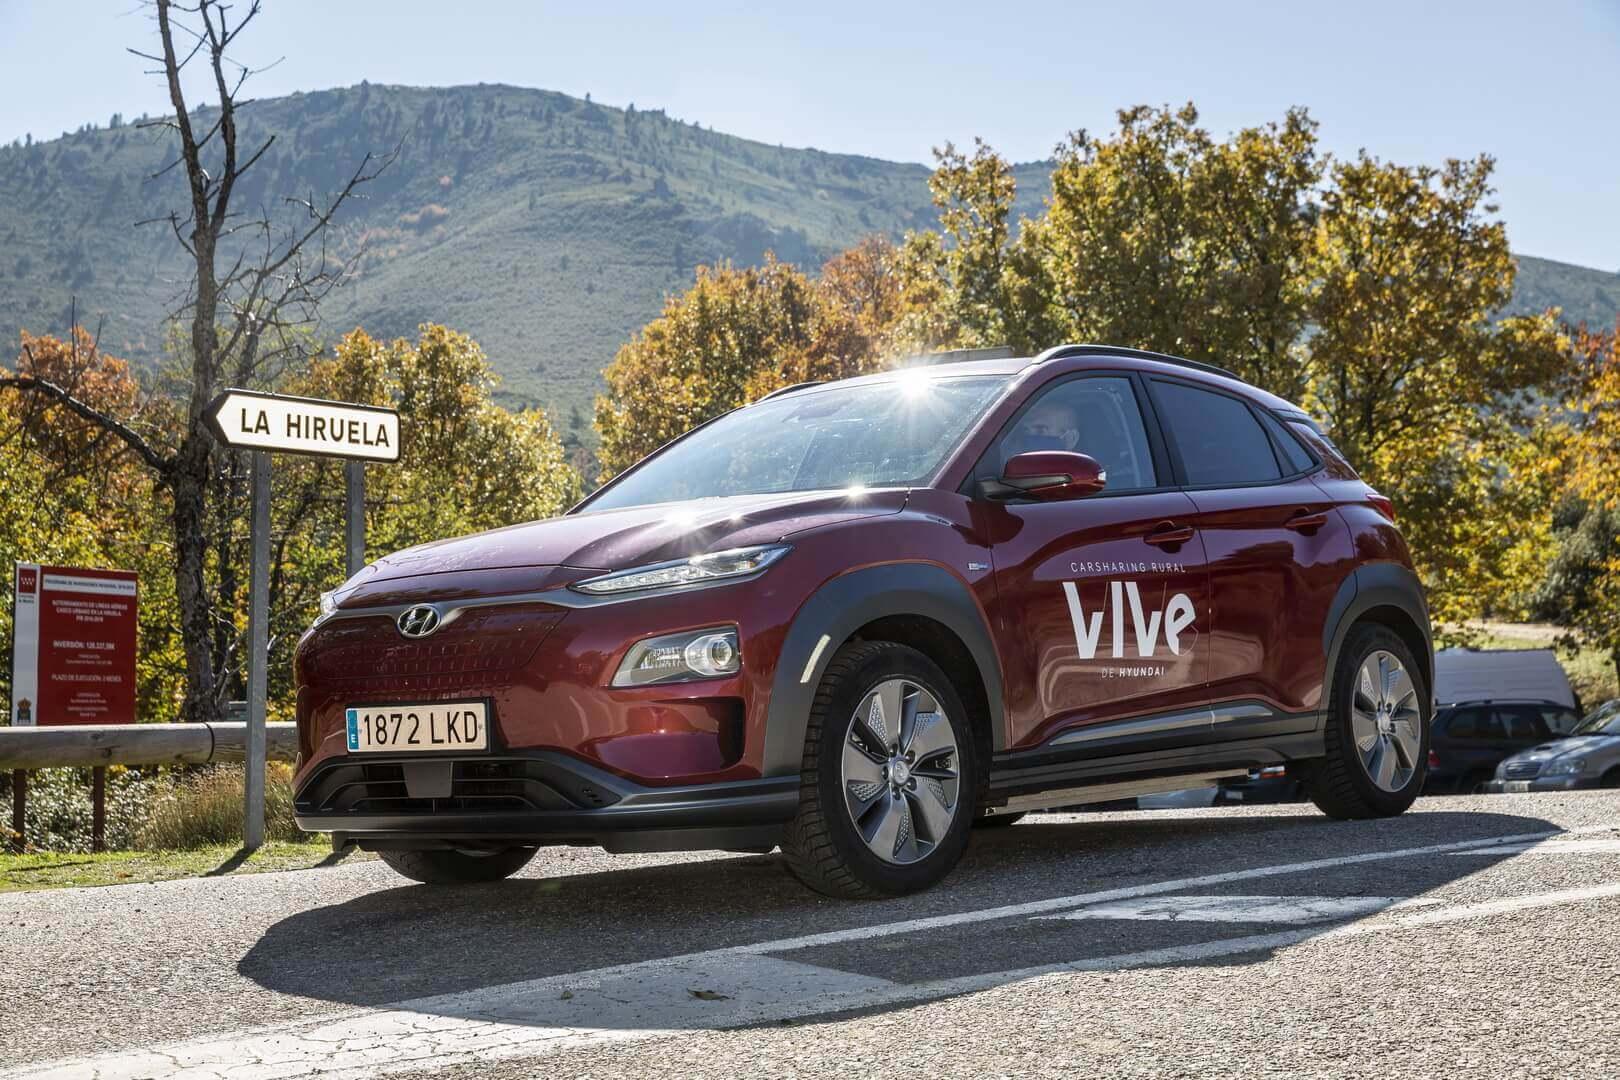 Hyundai заново изобретает мобильность в сельских районах Испании